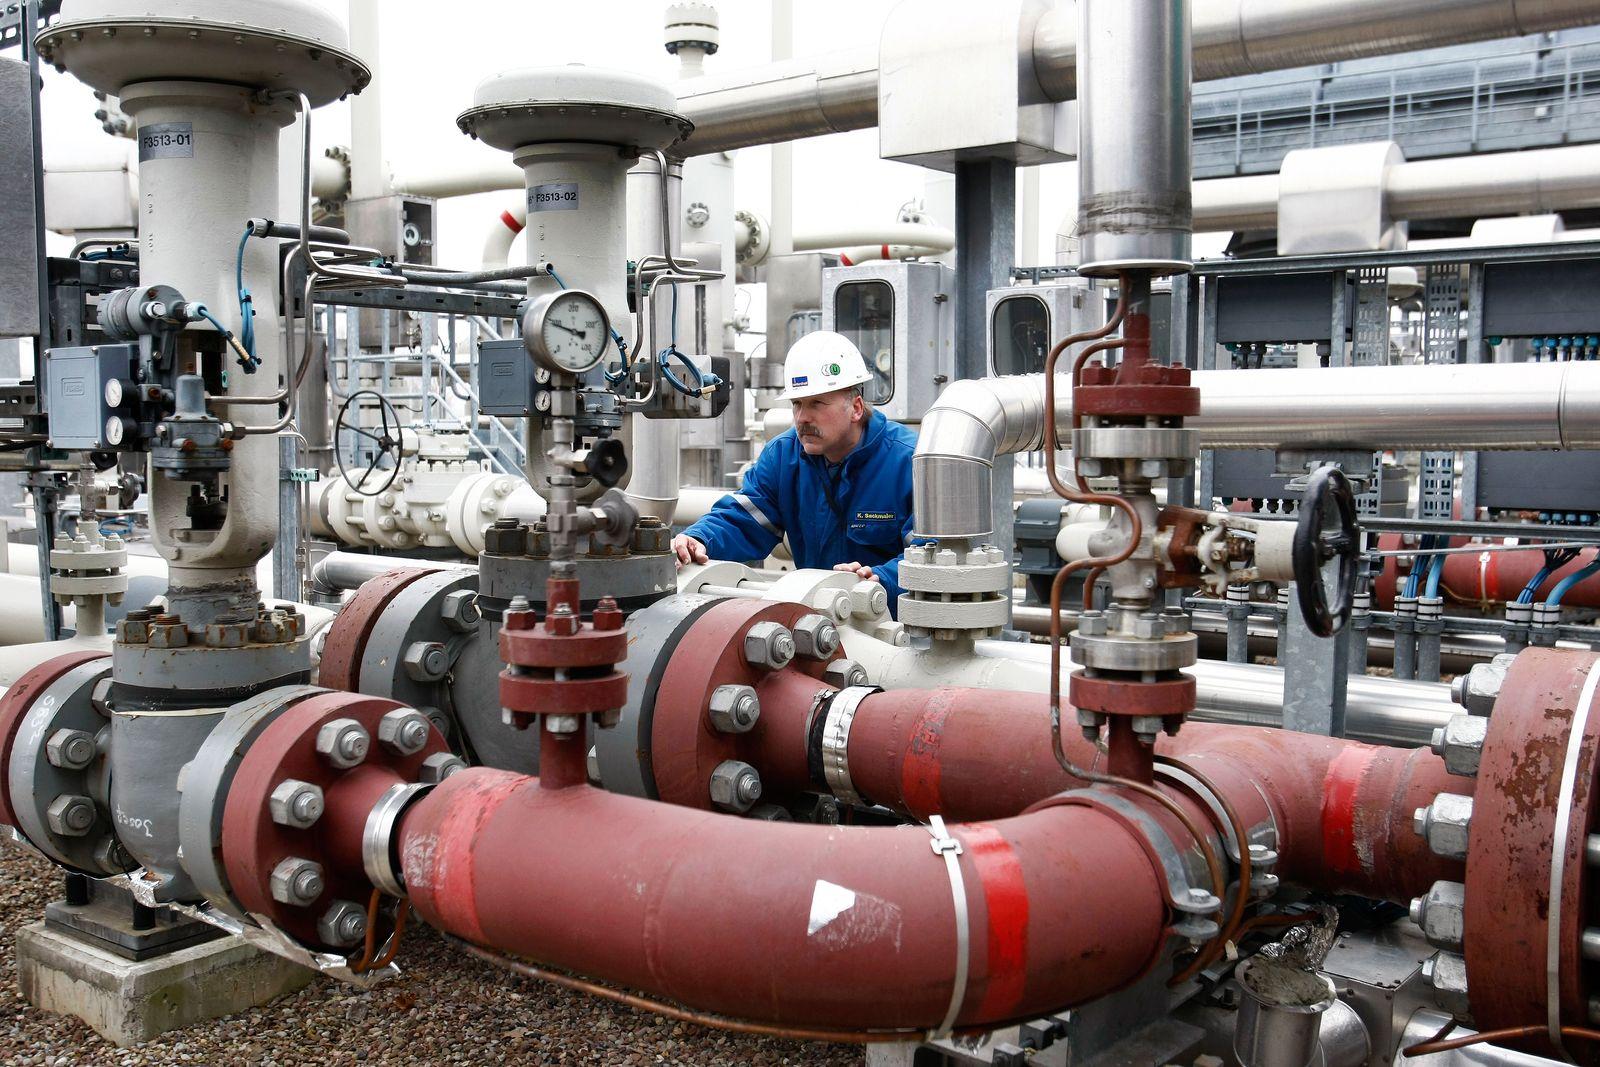 Russland / Deutschland / Gas-Pipeline / Energie